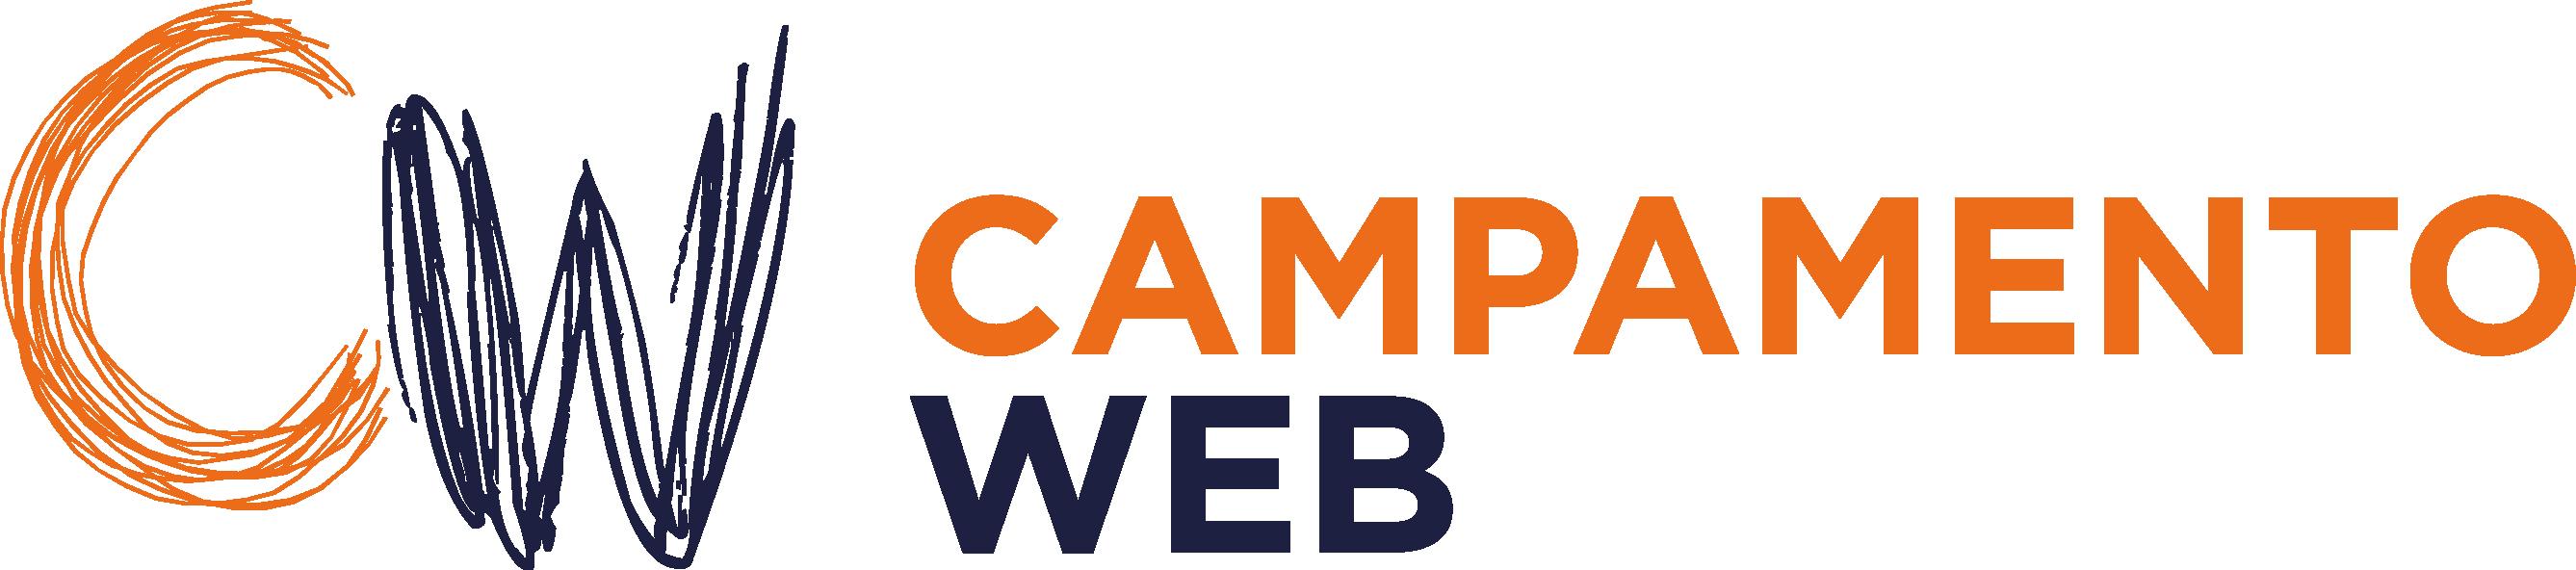 Campamento Web - SEO con Emilio García